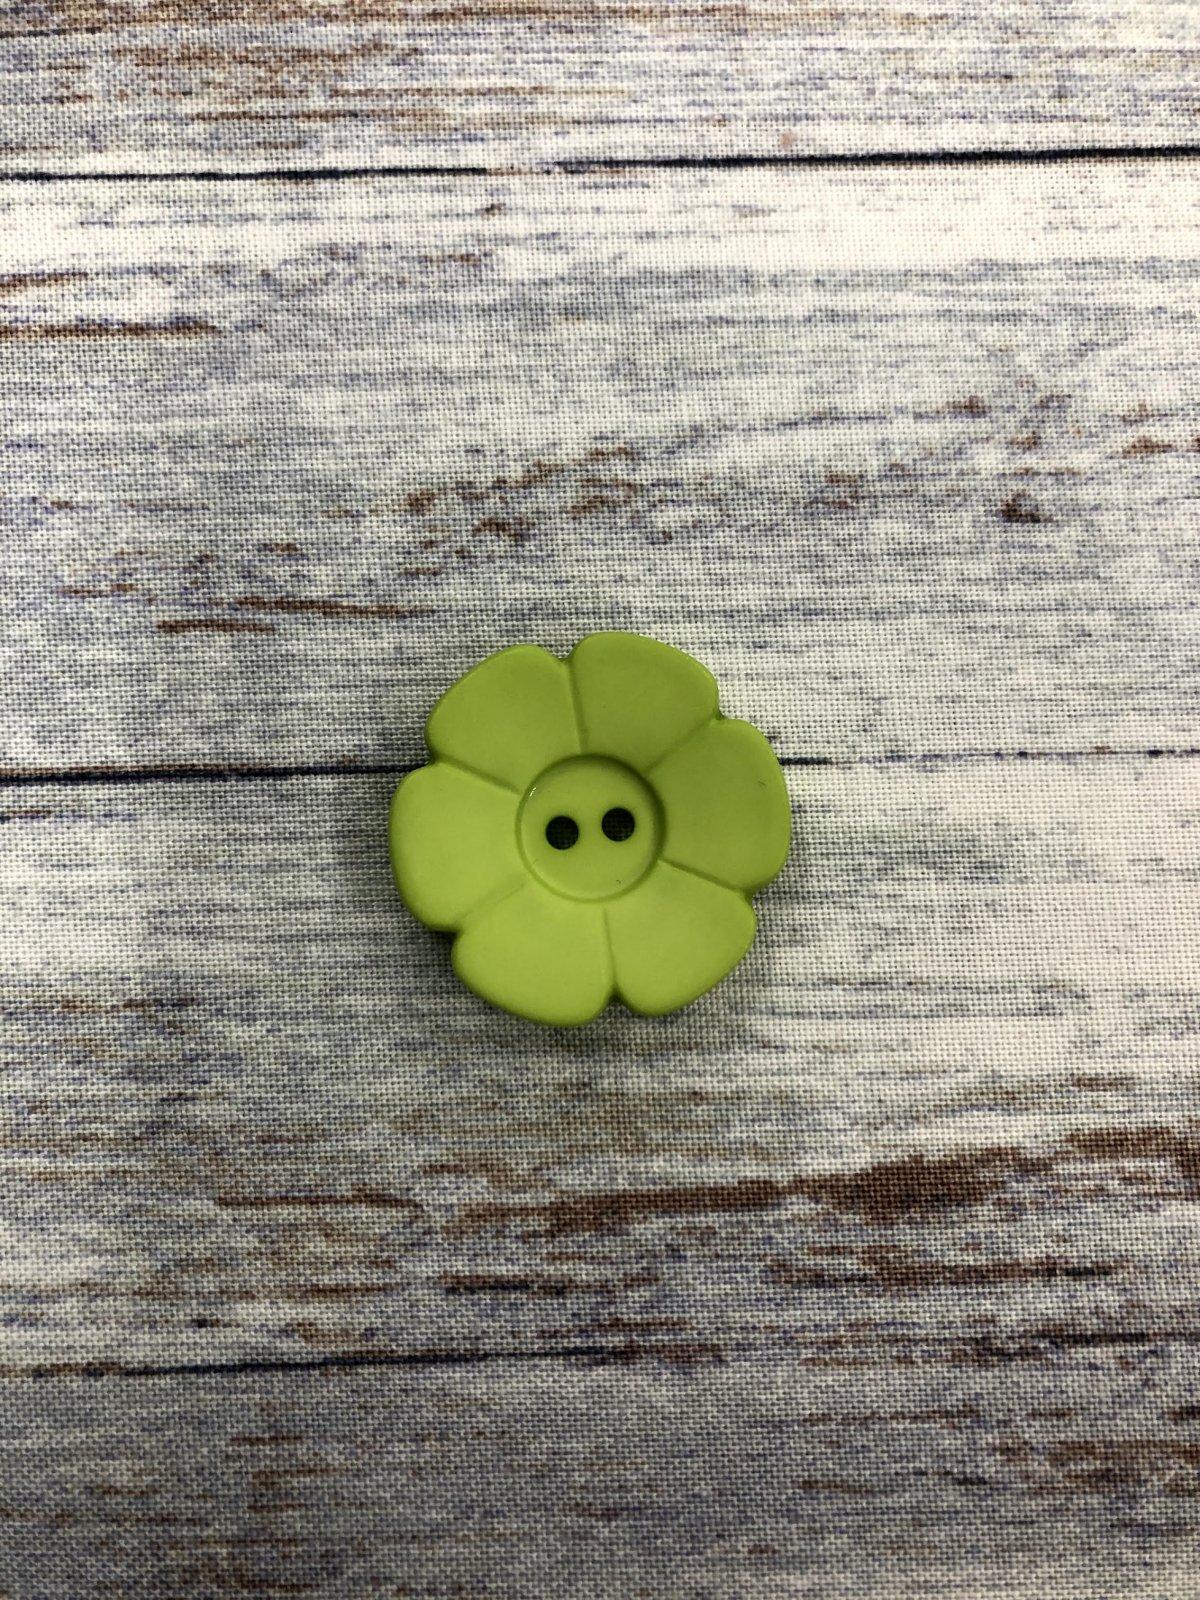 DIll-Buttons 20 Light Green Flower